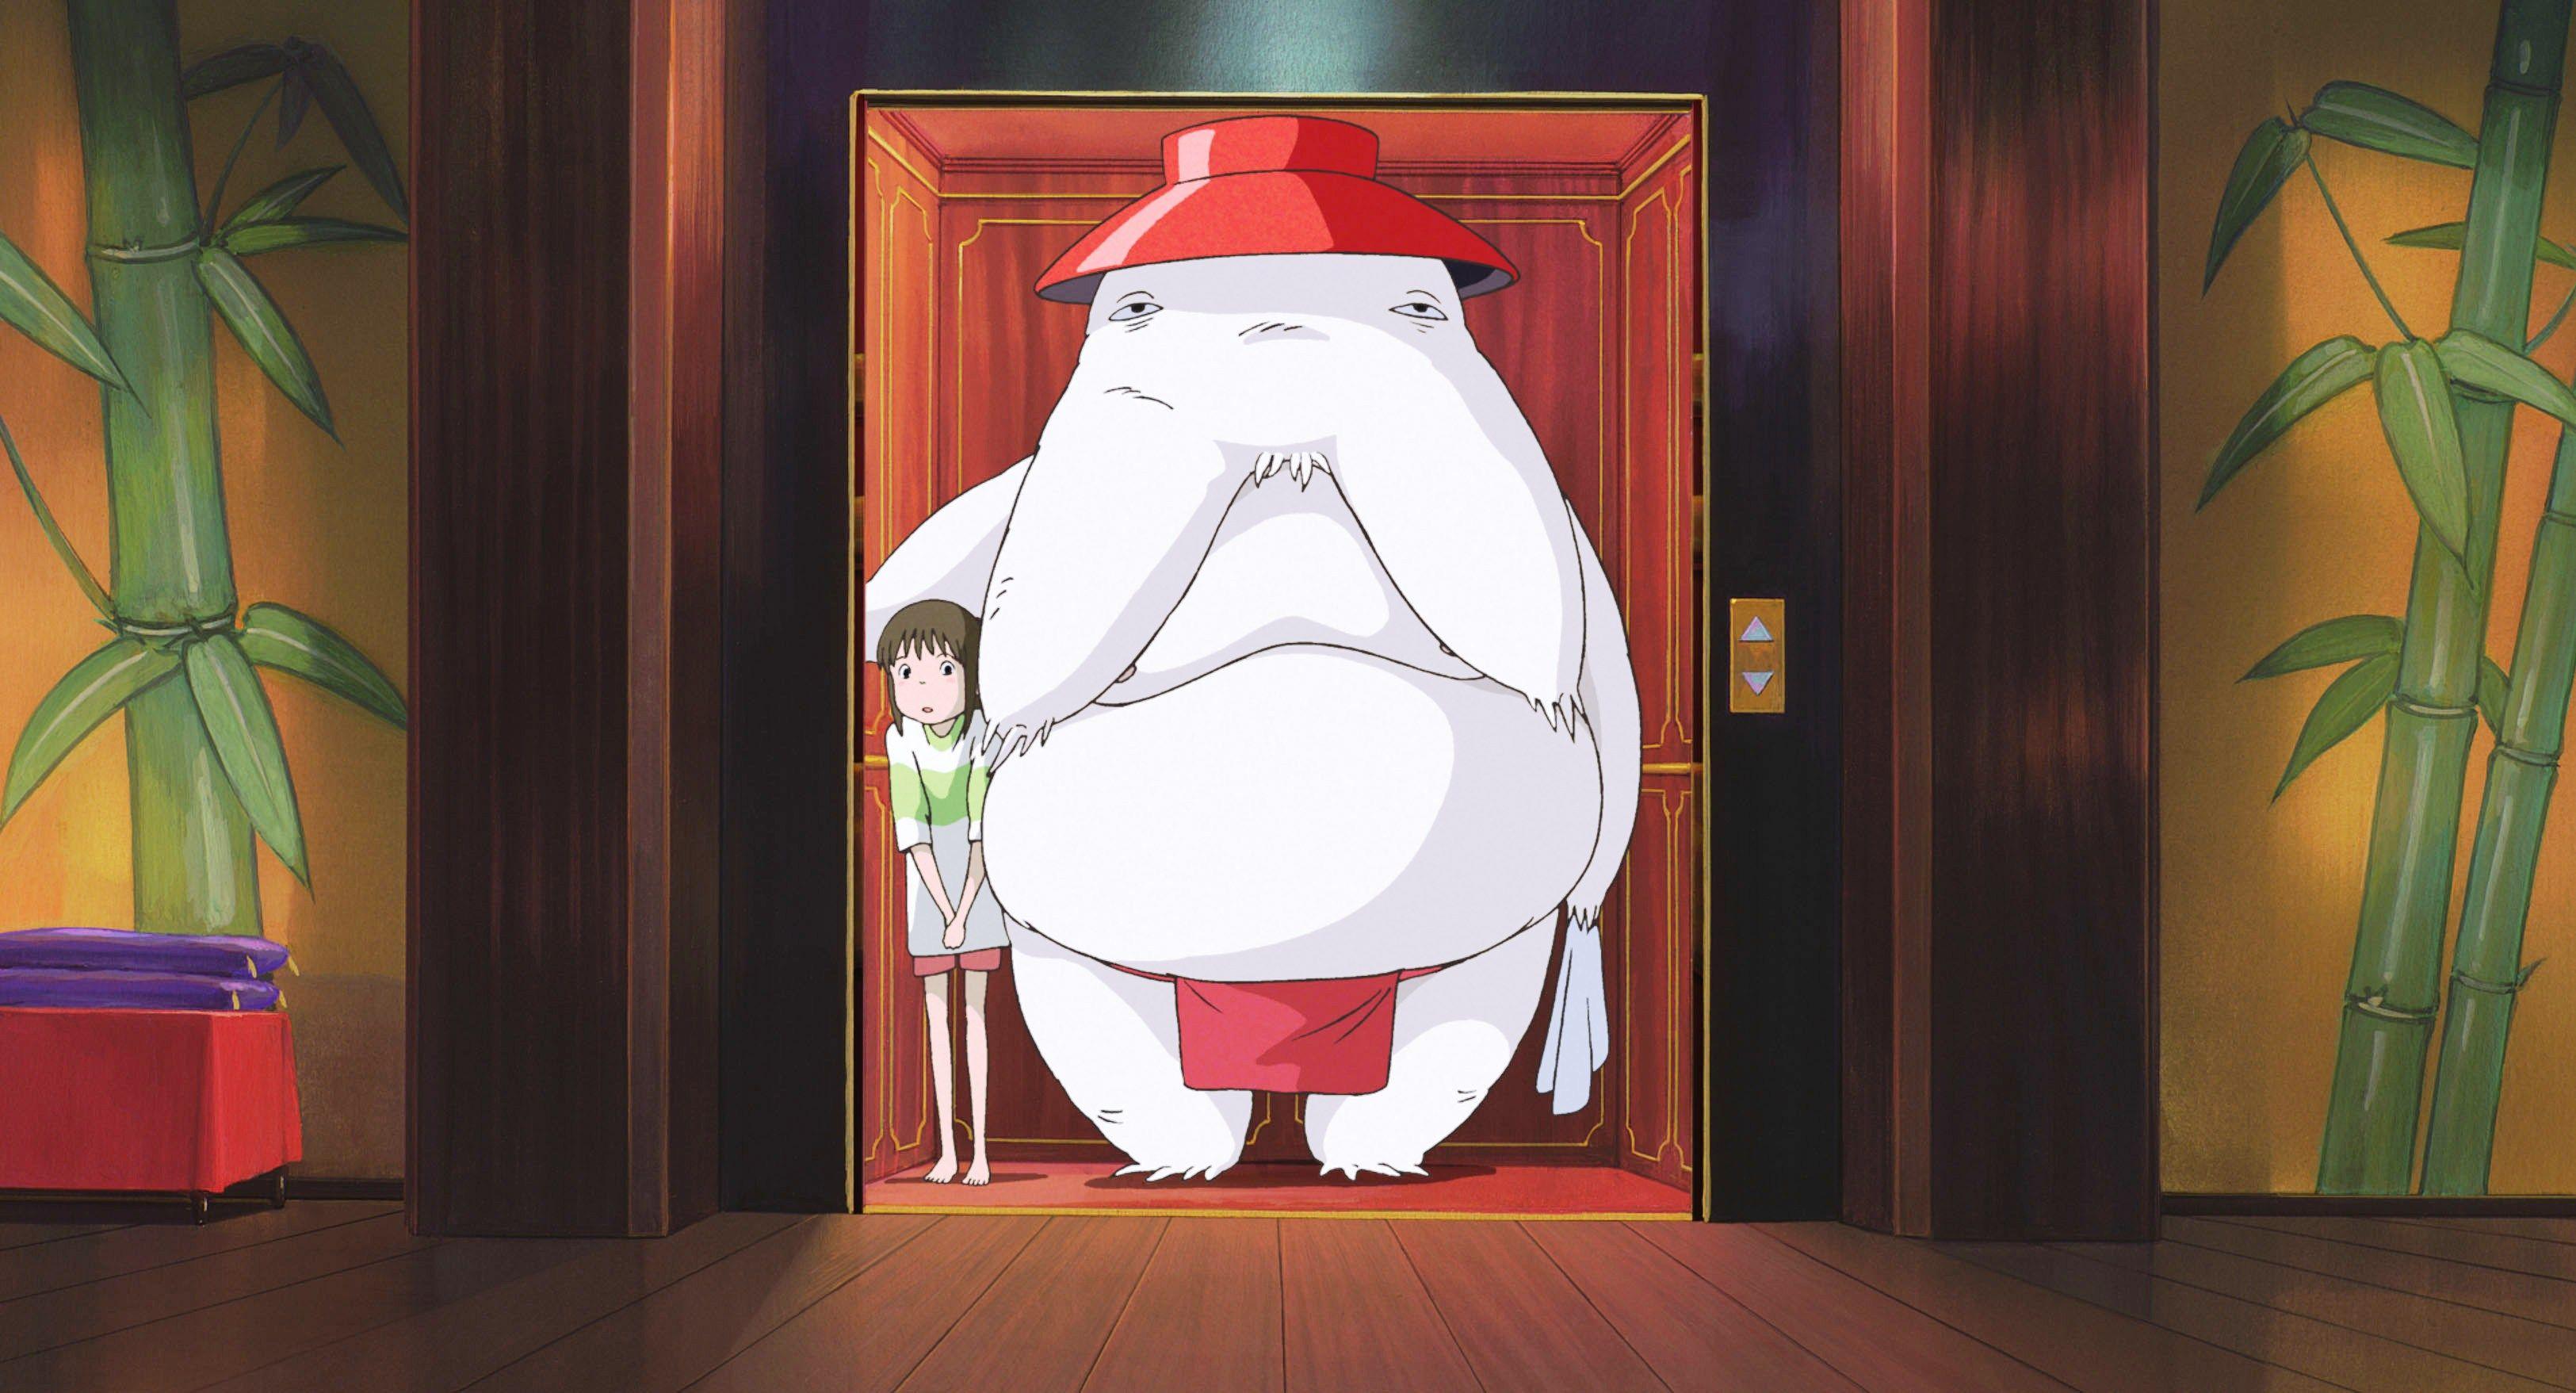 ¿Por qué debe parar Studio Ghibli? El cese temporal podría ser una buena oportunidad: http://generacionghibli.blogspot.com.es/2014/08/por-que-debe-parar-studio-ghibli.html